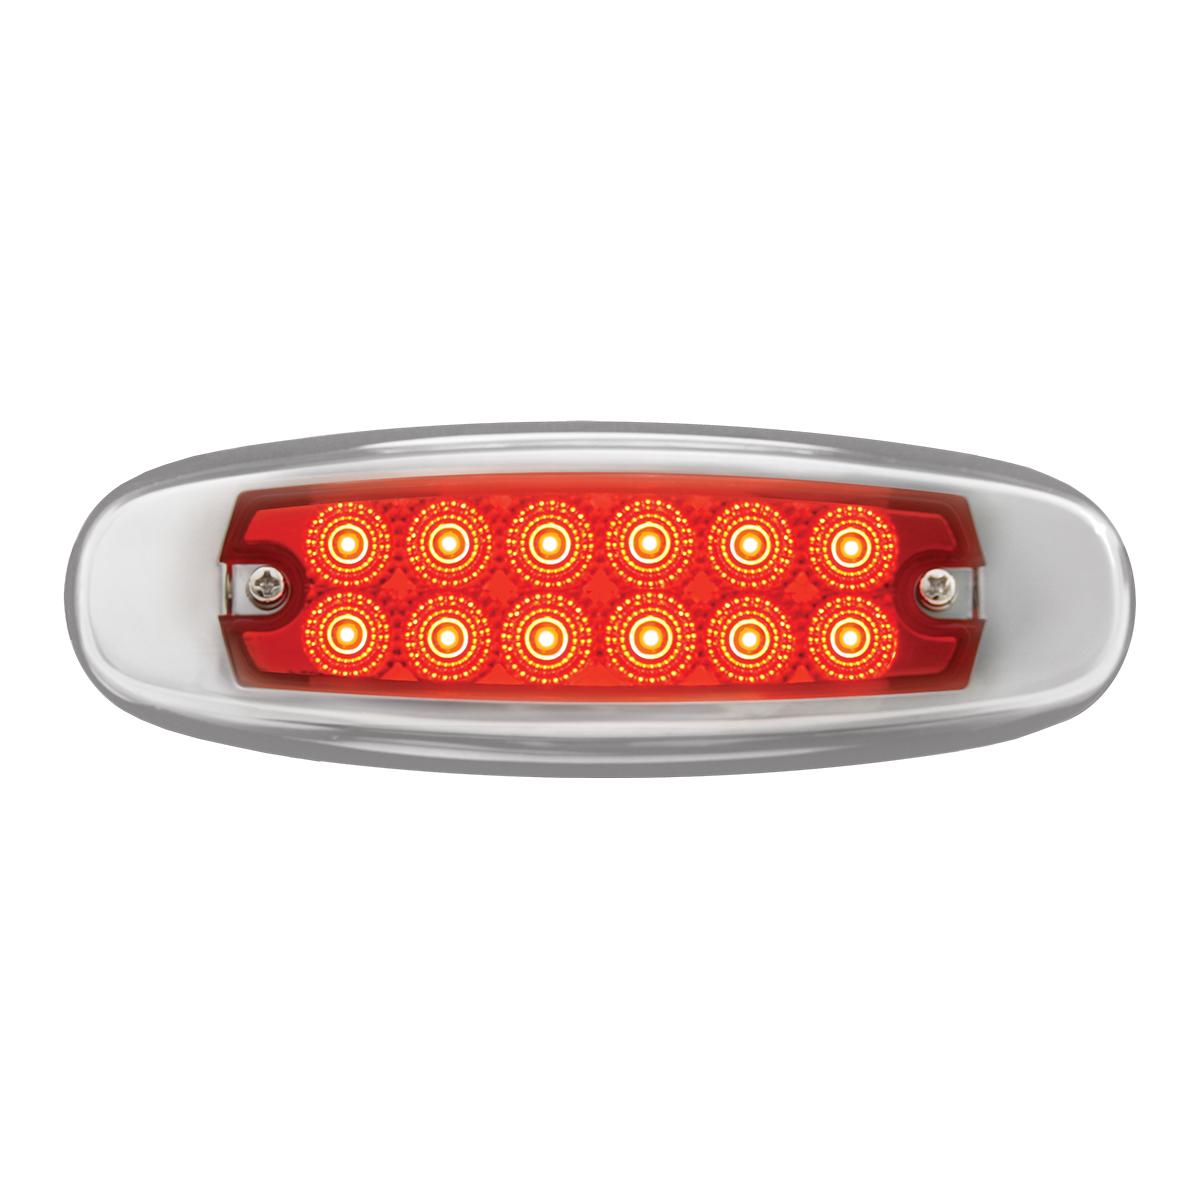 78567 Ultra Thin Spyder LED Marker Light w/ Stainless Steel Bezel